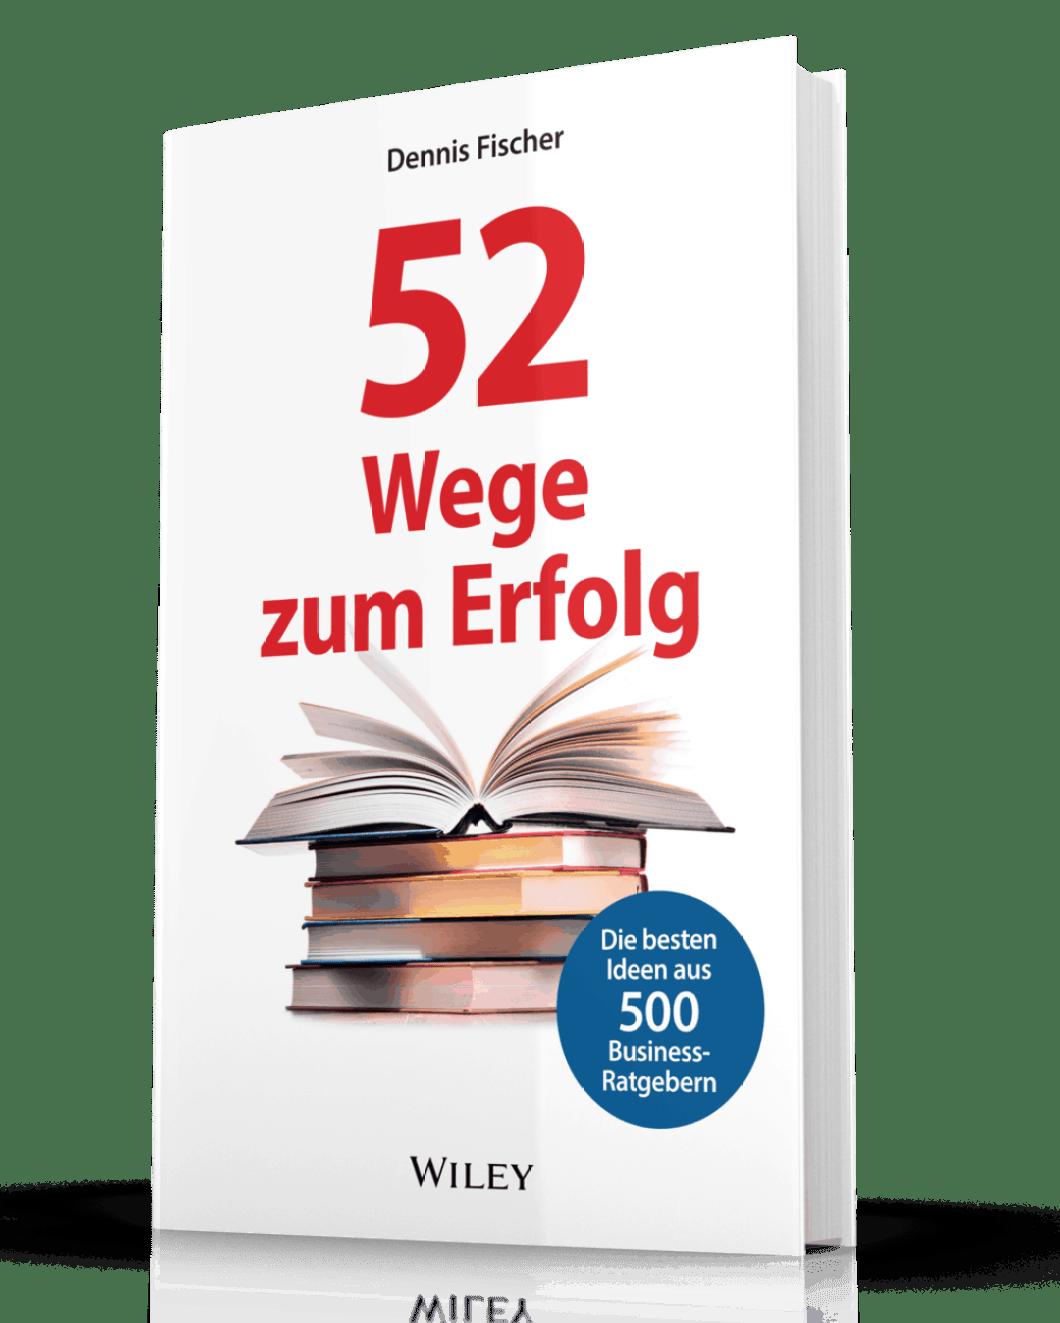 Buchcover 52 Wege zum Erfolg - Dennis Fischer - png